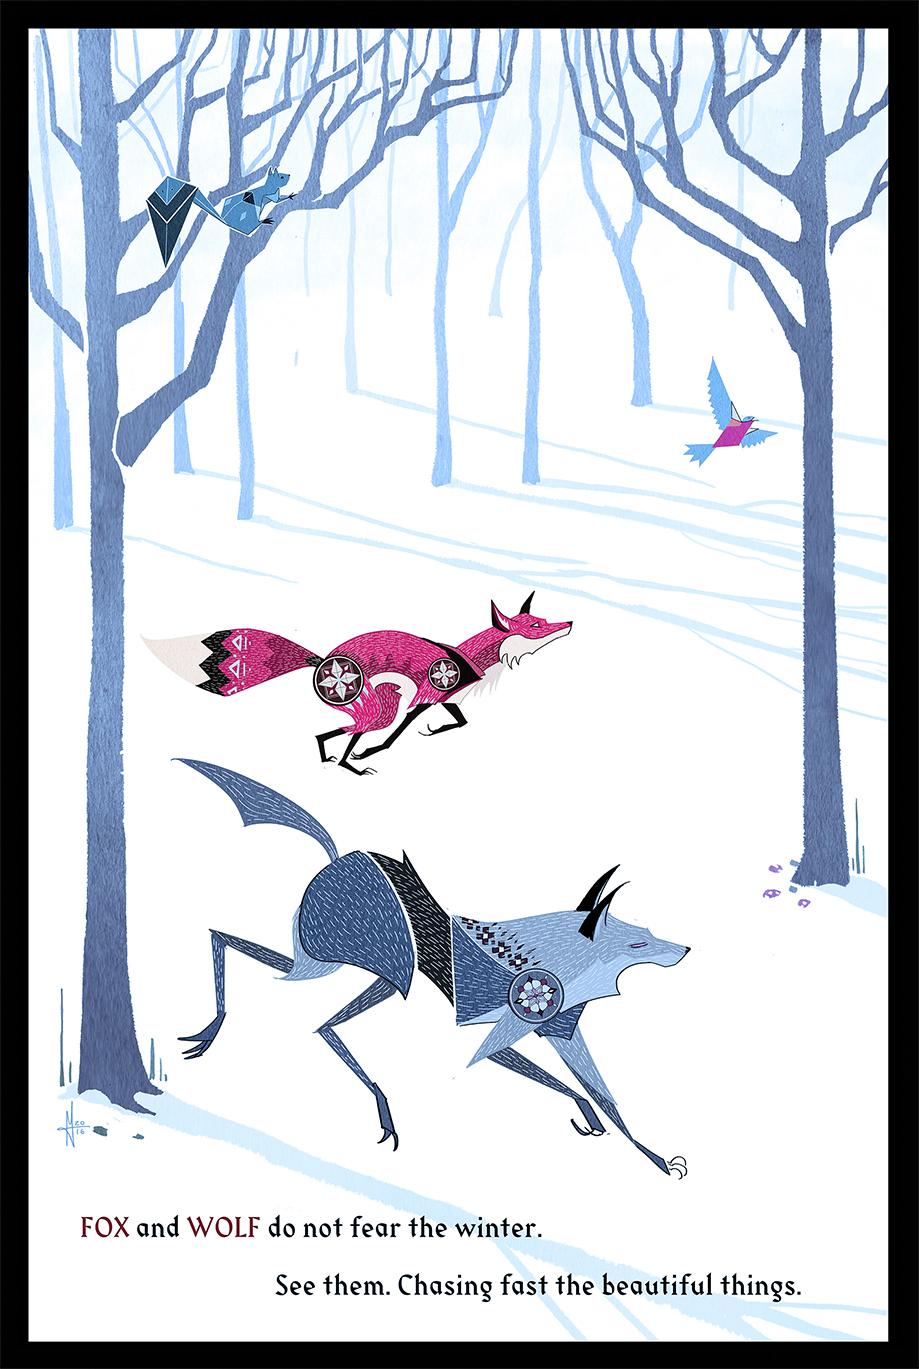 foxnwolf3.jpg